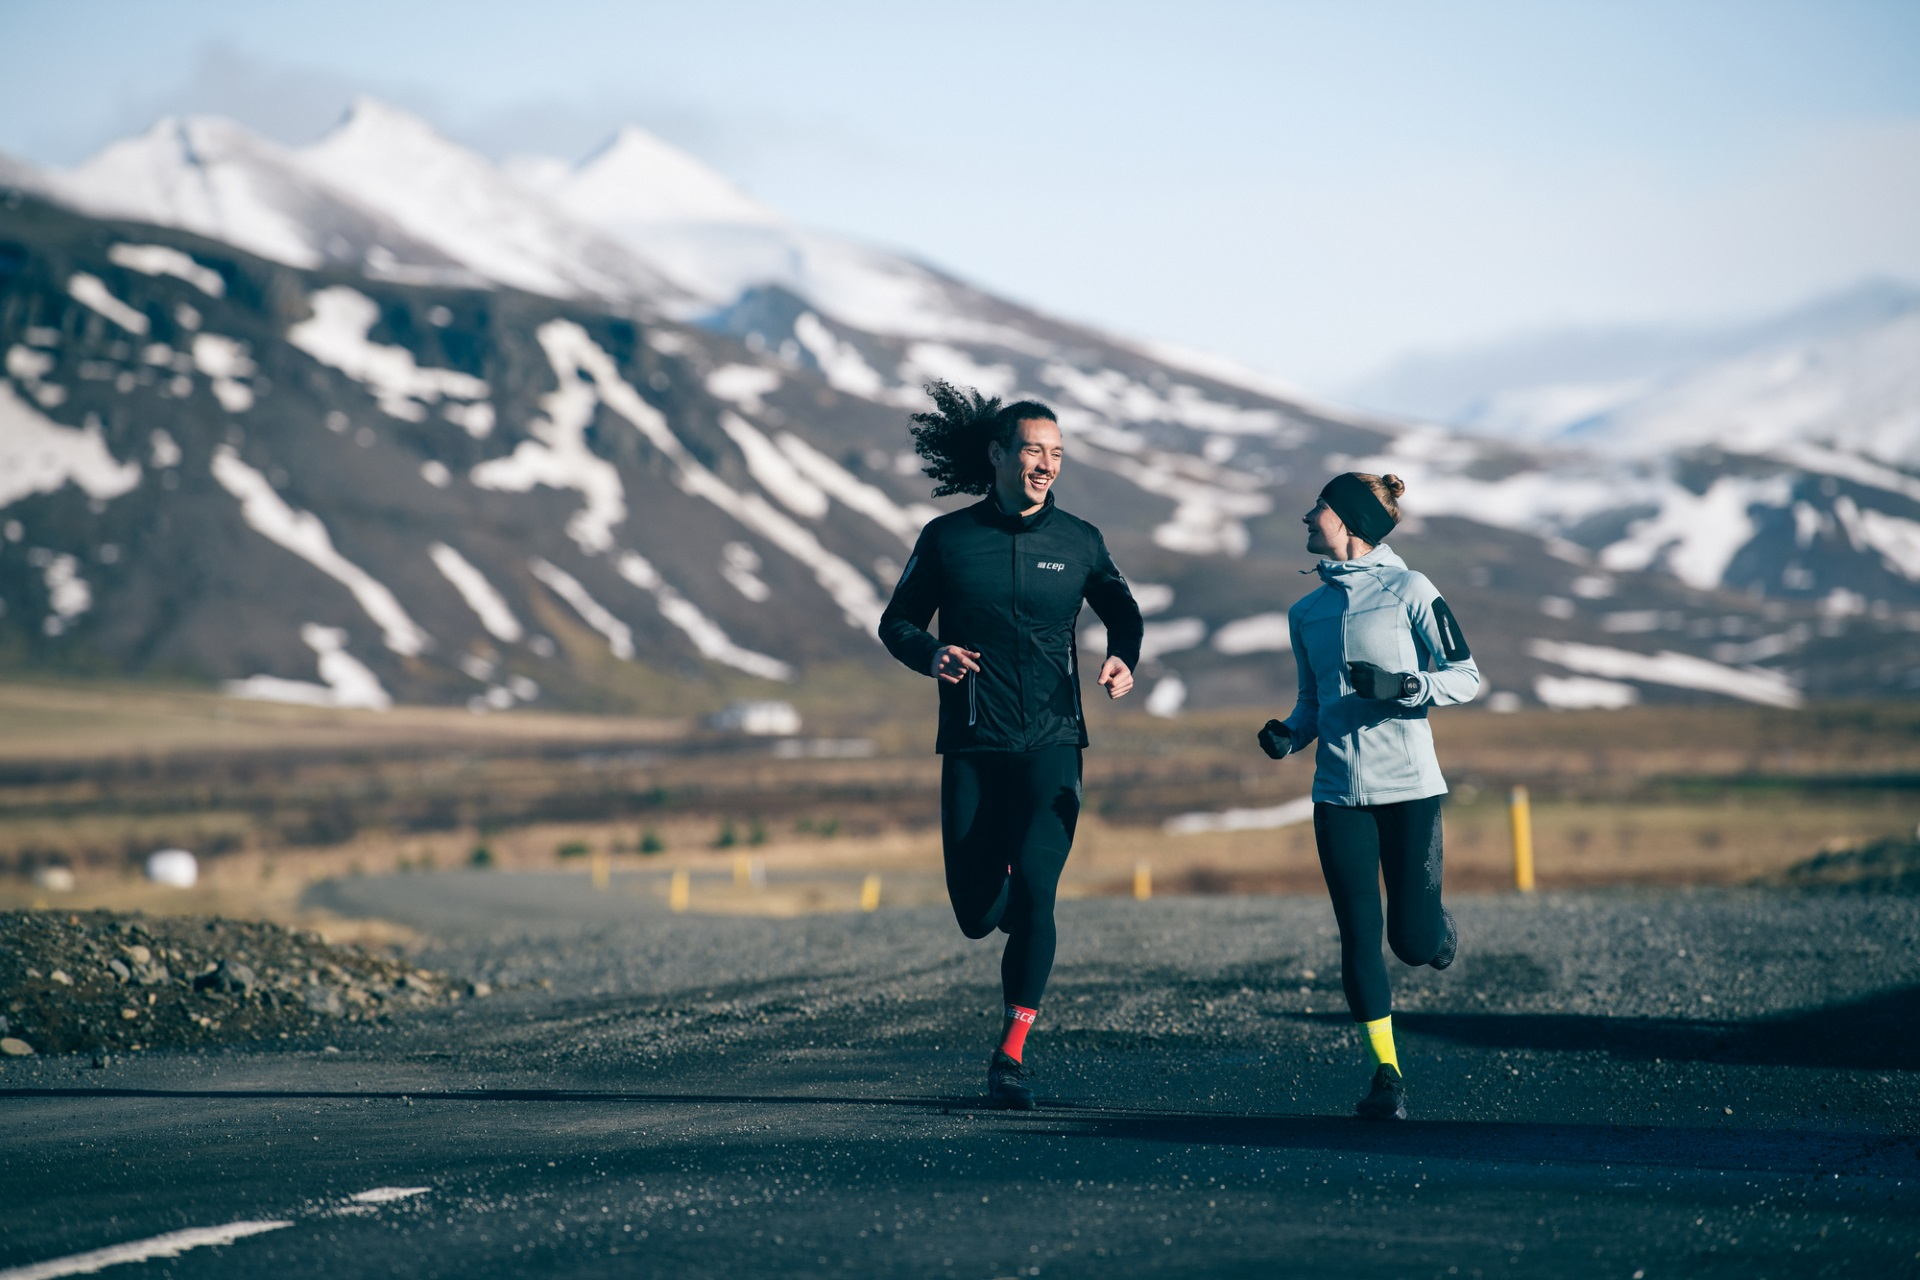 Joggen im Winter – 9 Tipps für die kalte Jahreszeit